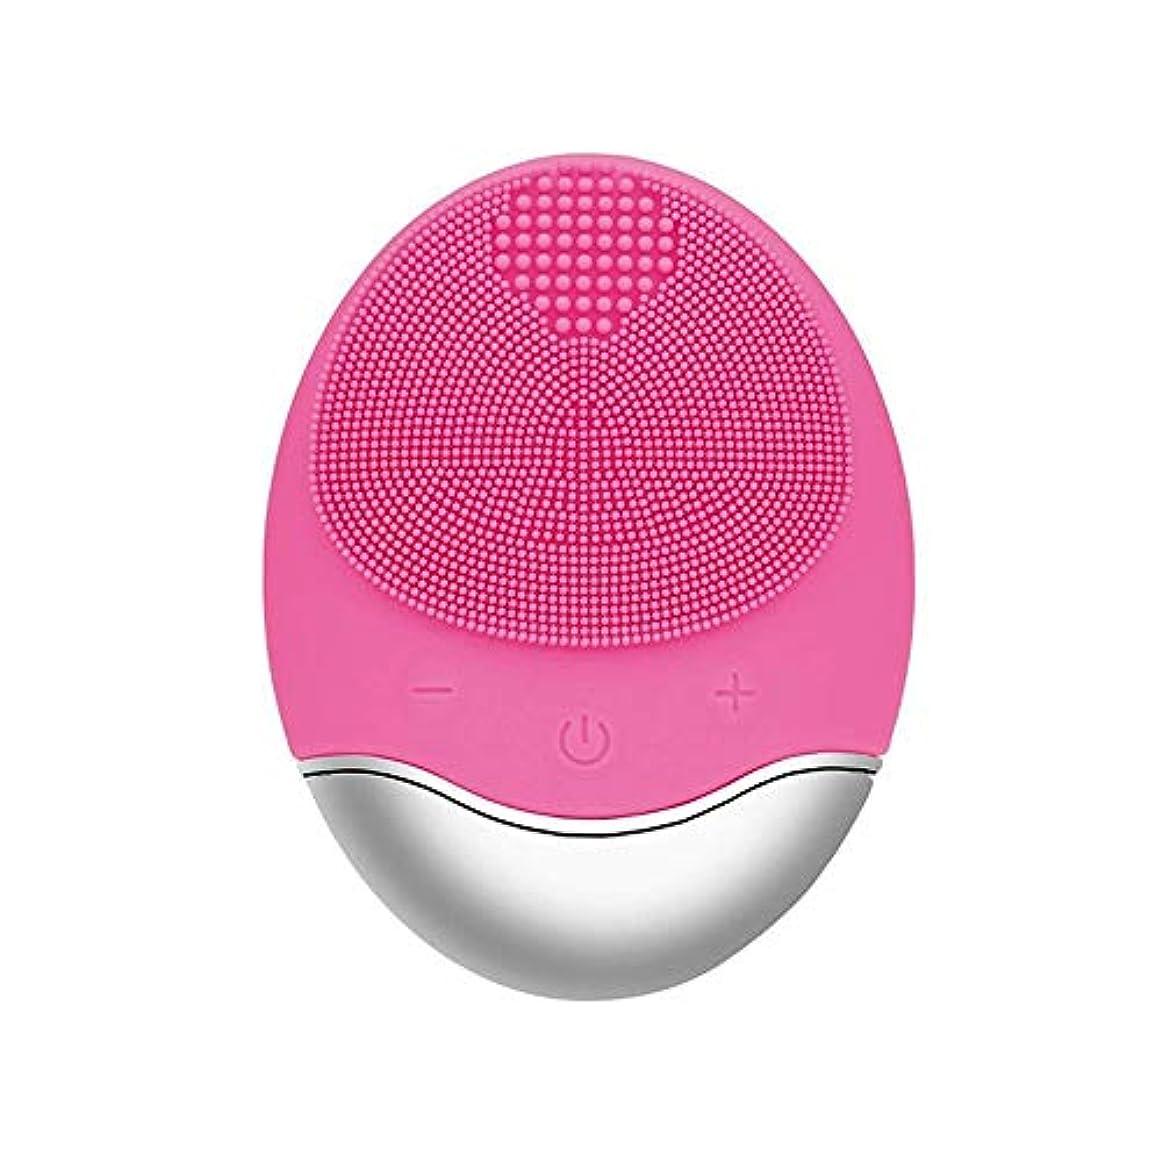 こどもの日振るう宿題ZXF 新しい竹炭クレンジング楽器クレンジングポア充電式電気シリコーンにきびクレンジング楽器ピンク 滑らかである